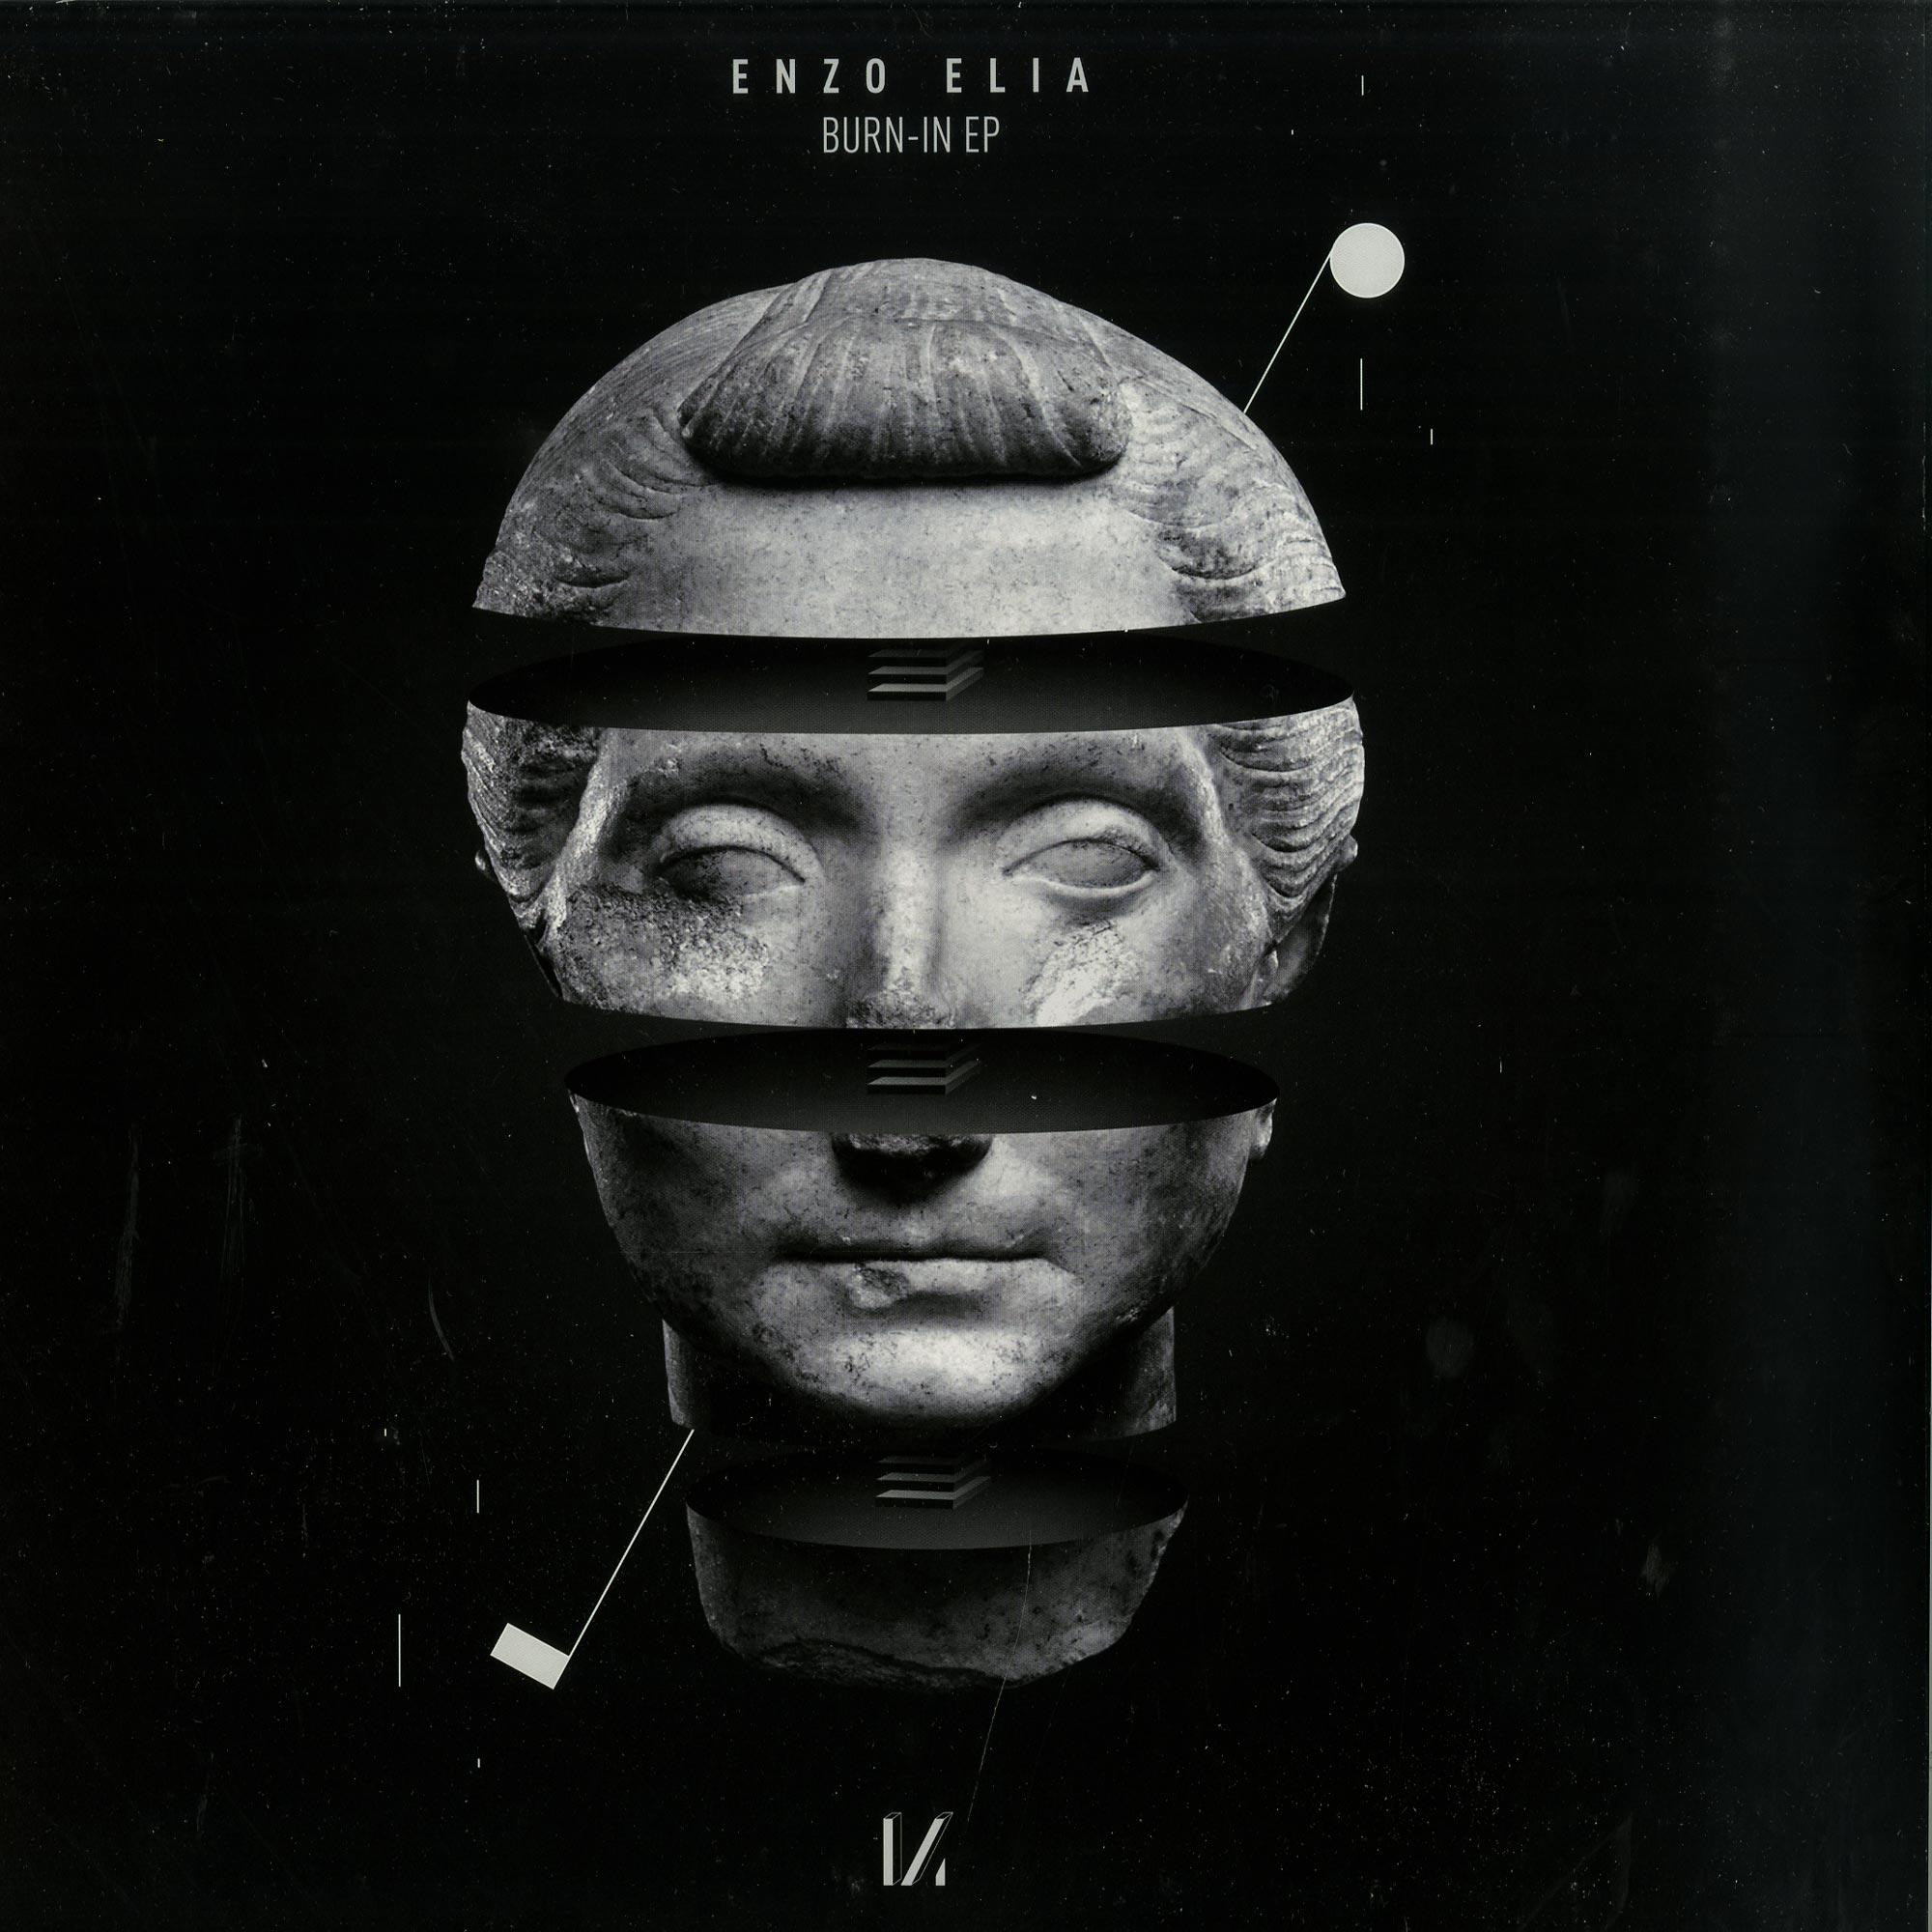 Enzo Elia feat. IMGL - BURN-IN EP